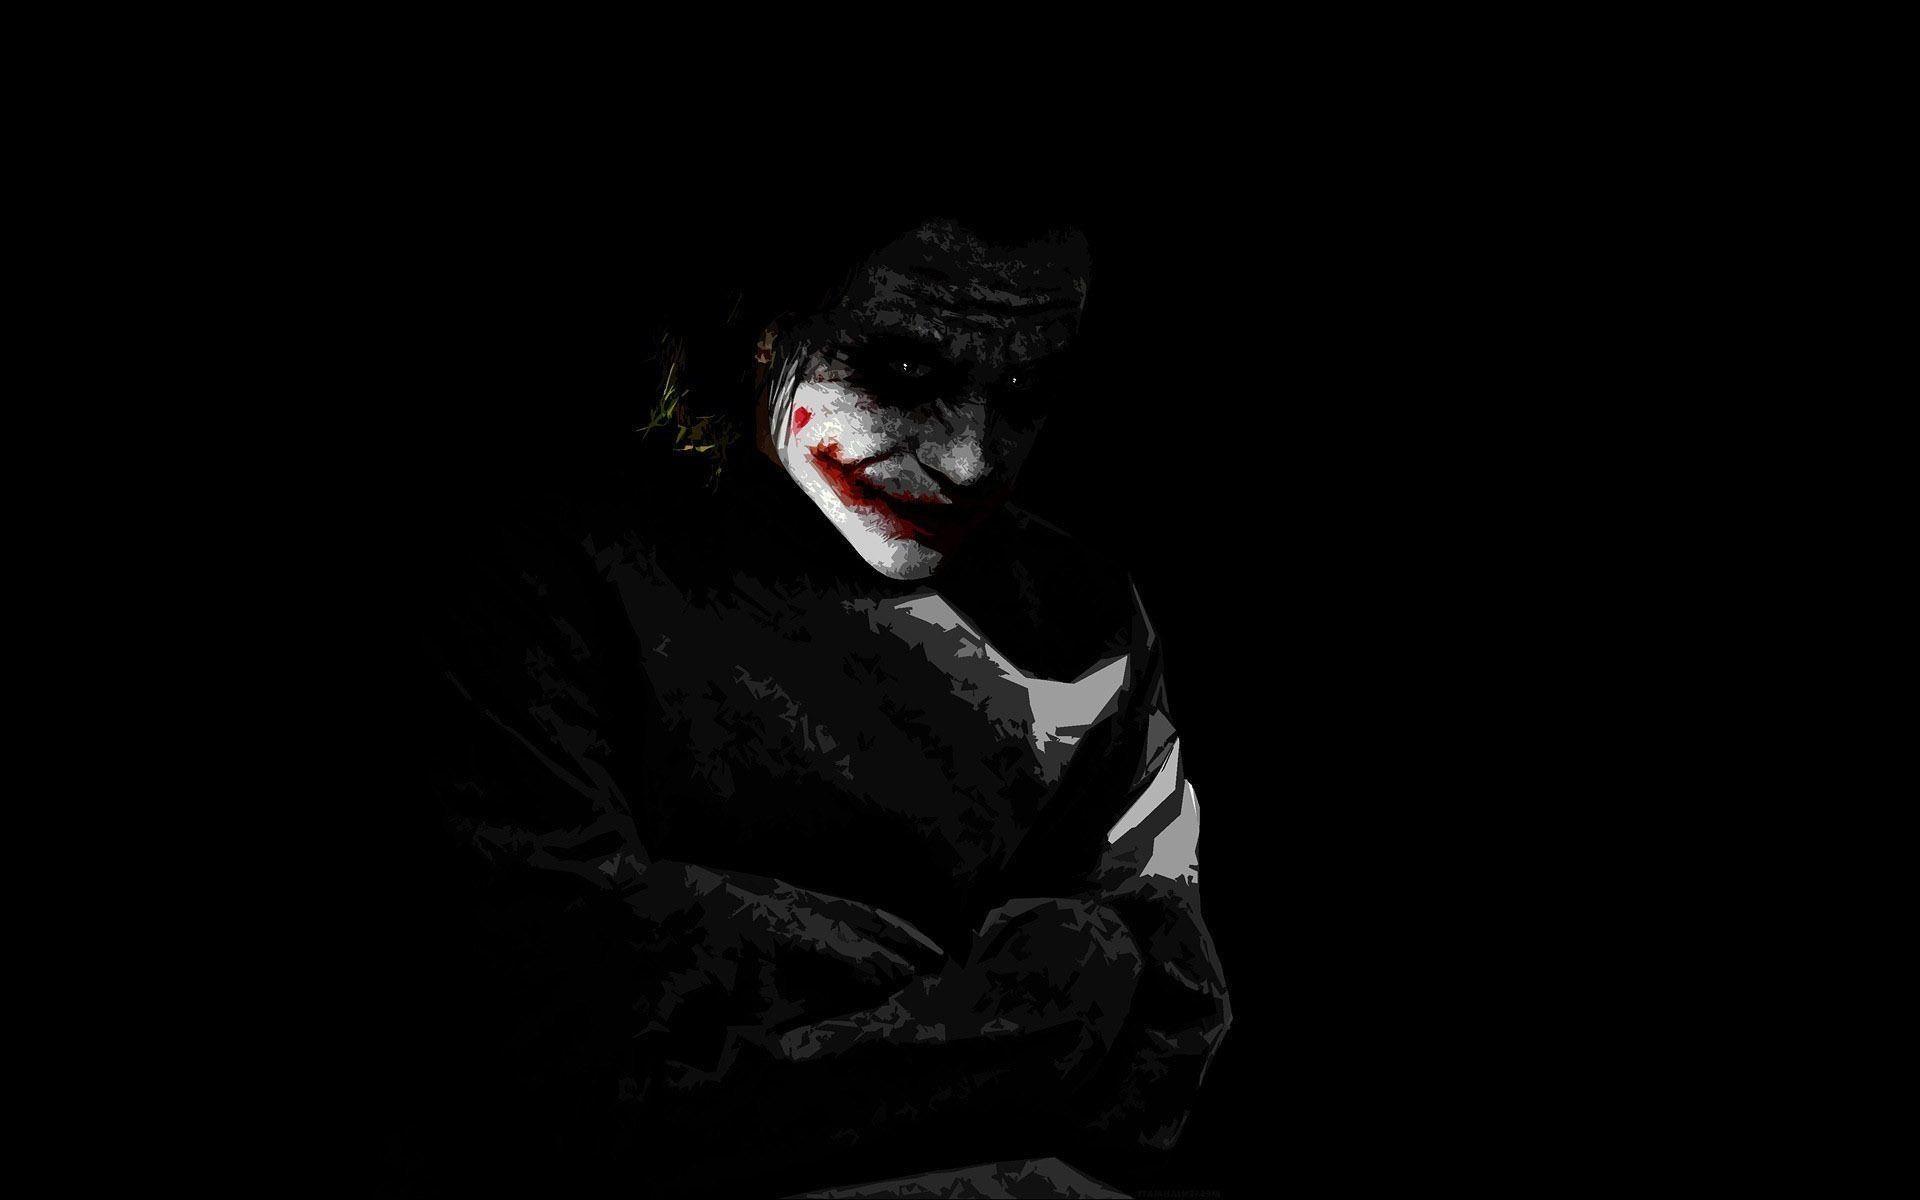 Joker Wallpapers Top Free Joker Backgrounds Wallpaperaccess